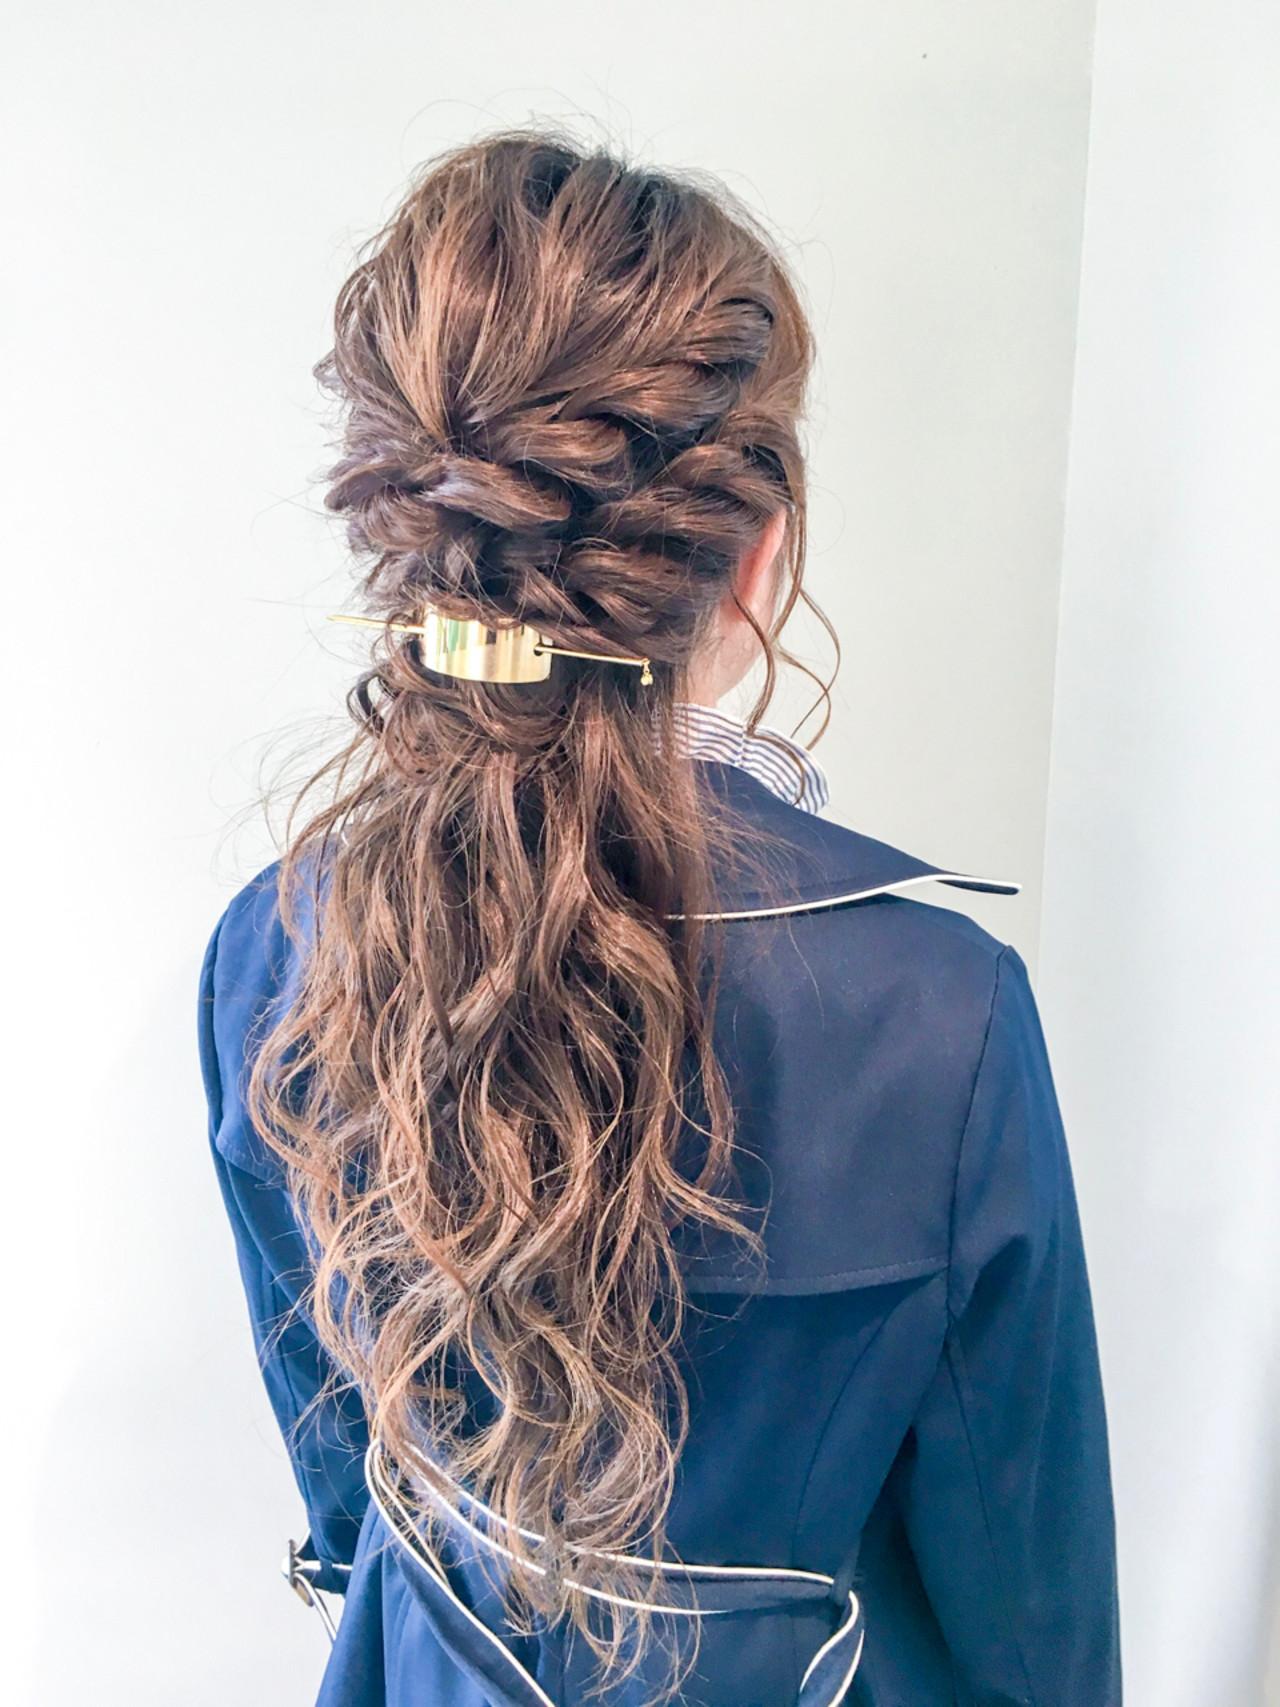 編みこみで華やかなハーフアップ 美容師 HIRO